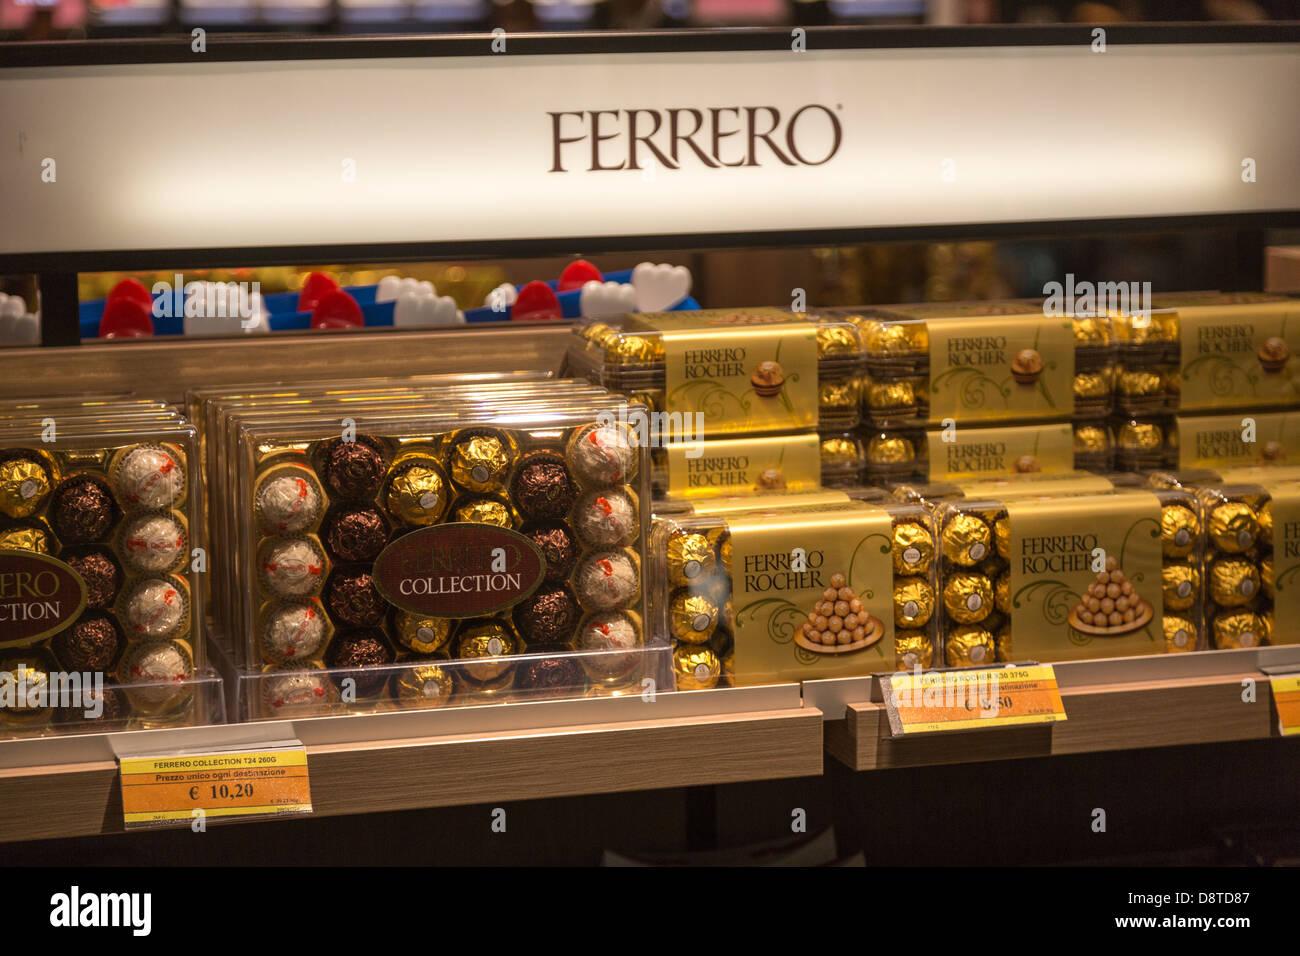 Airport Chocolate Shop Stock Photos & Airport Chocolate Shop Stock ...